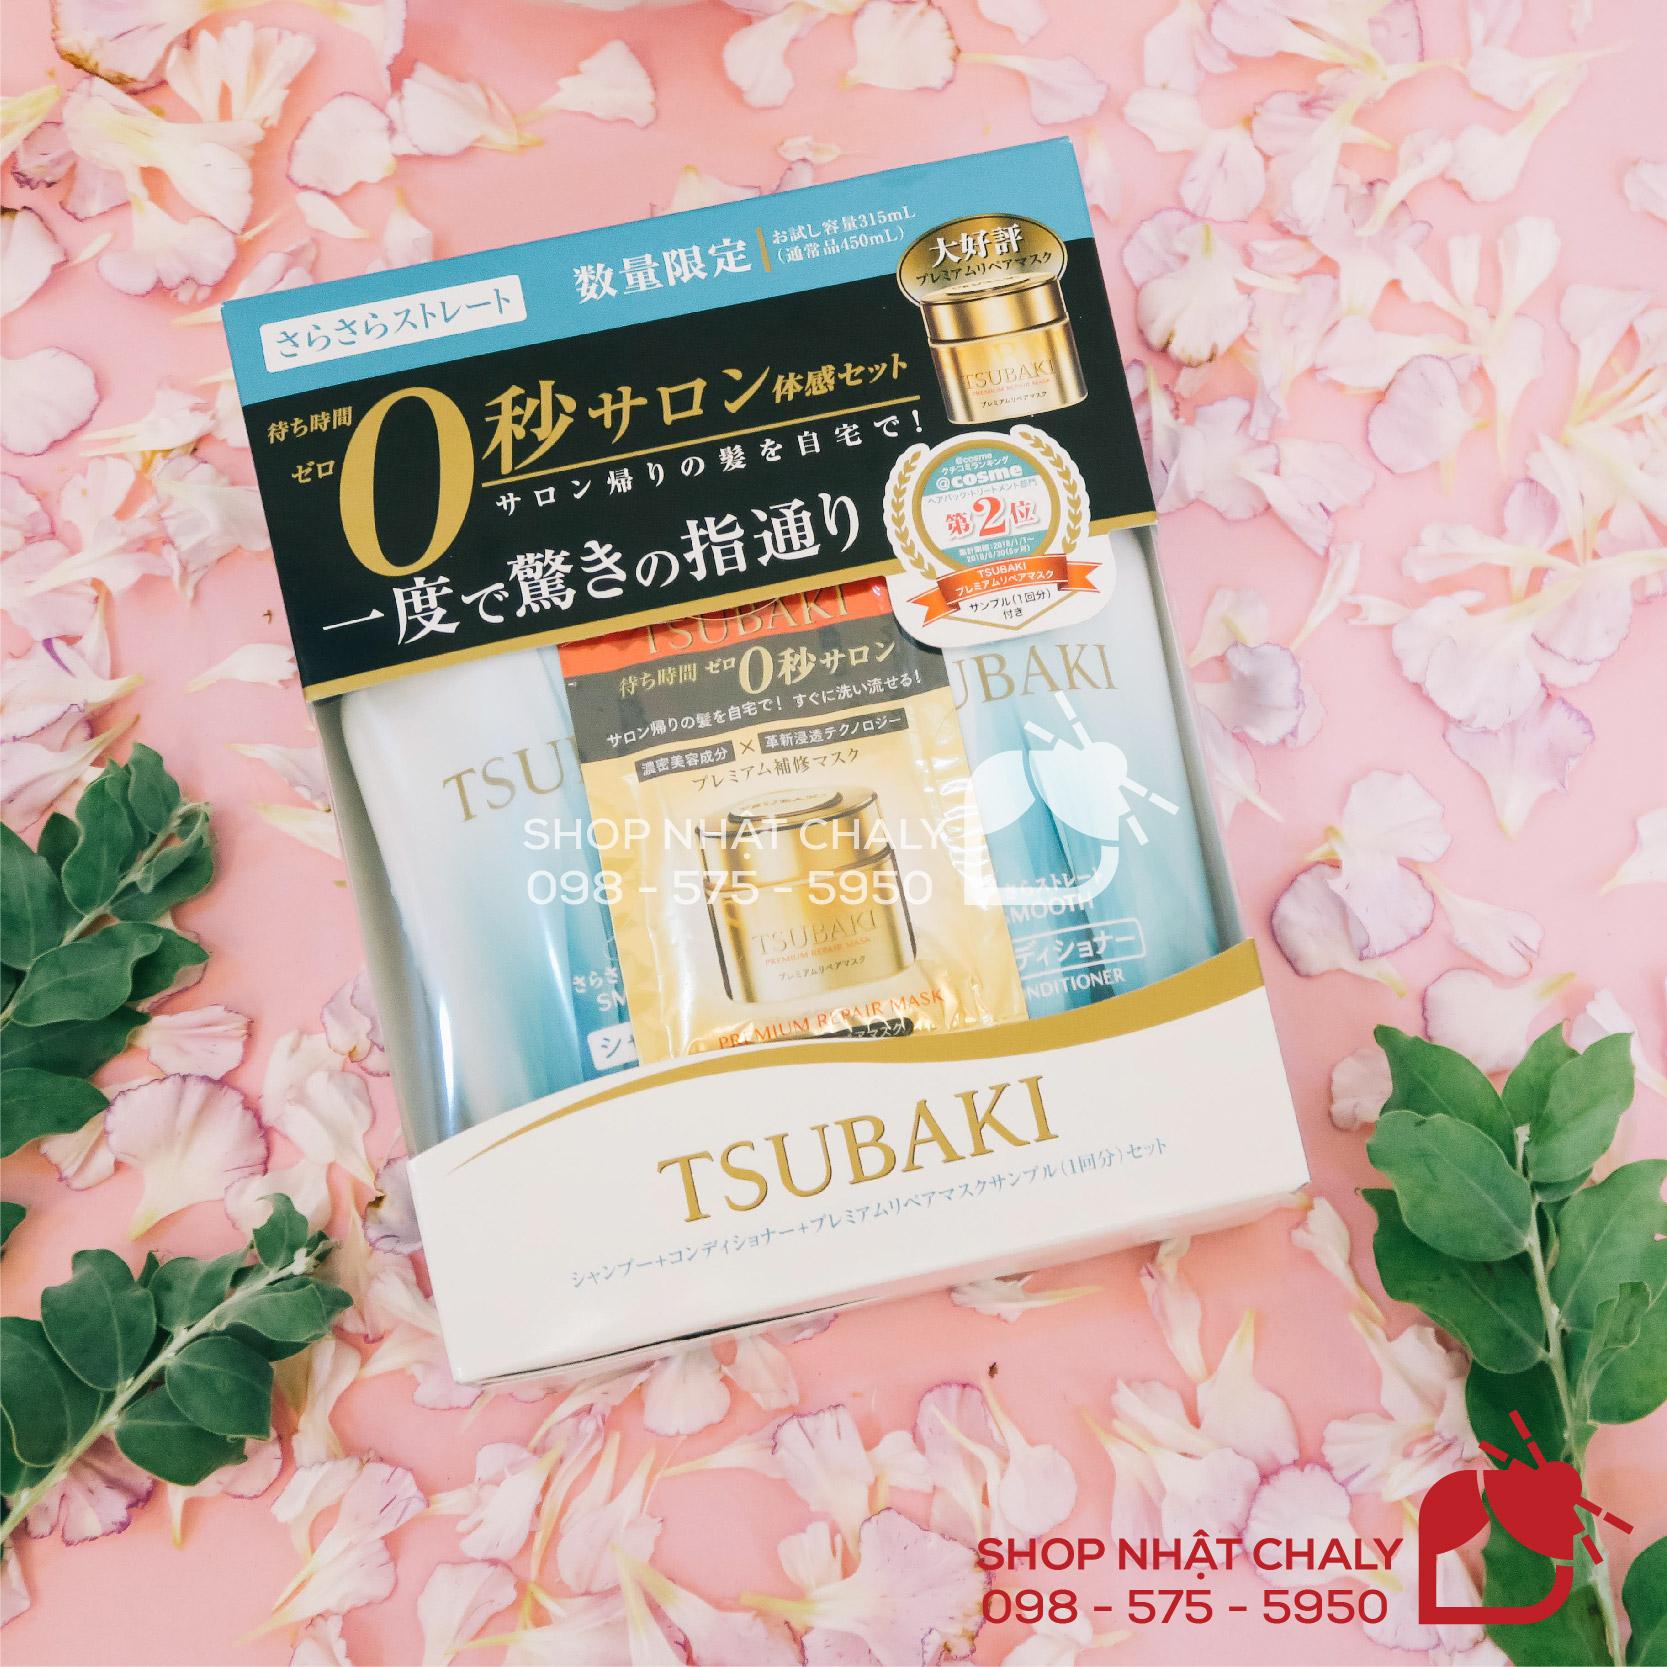 Bộ dầu gội Tsubaki trắng (xanh) phù hợp với tóc suôn, thẳng, mềm giúp tóc có độ tơi và mịn